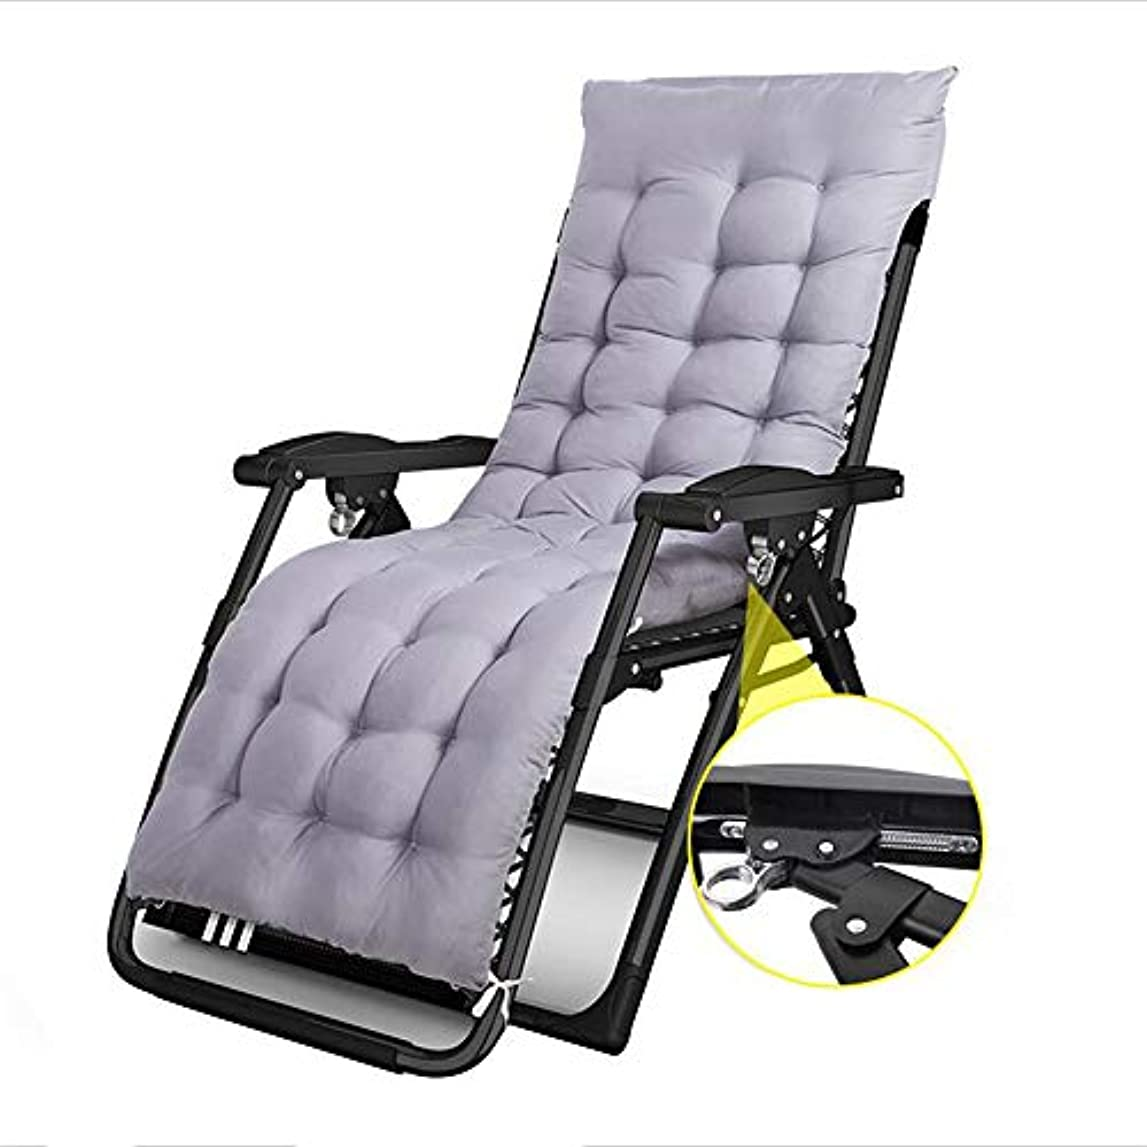 に向けて出発浸食味わうTiao ZHAN ランチブレーキ 折りたたみ椅子/スリーピングチェア/ロッキングチェア/レジャー/大人用レジャーチェア/高齢者用椅子 AA